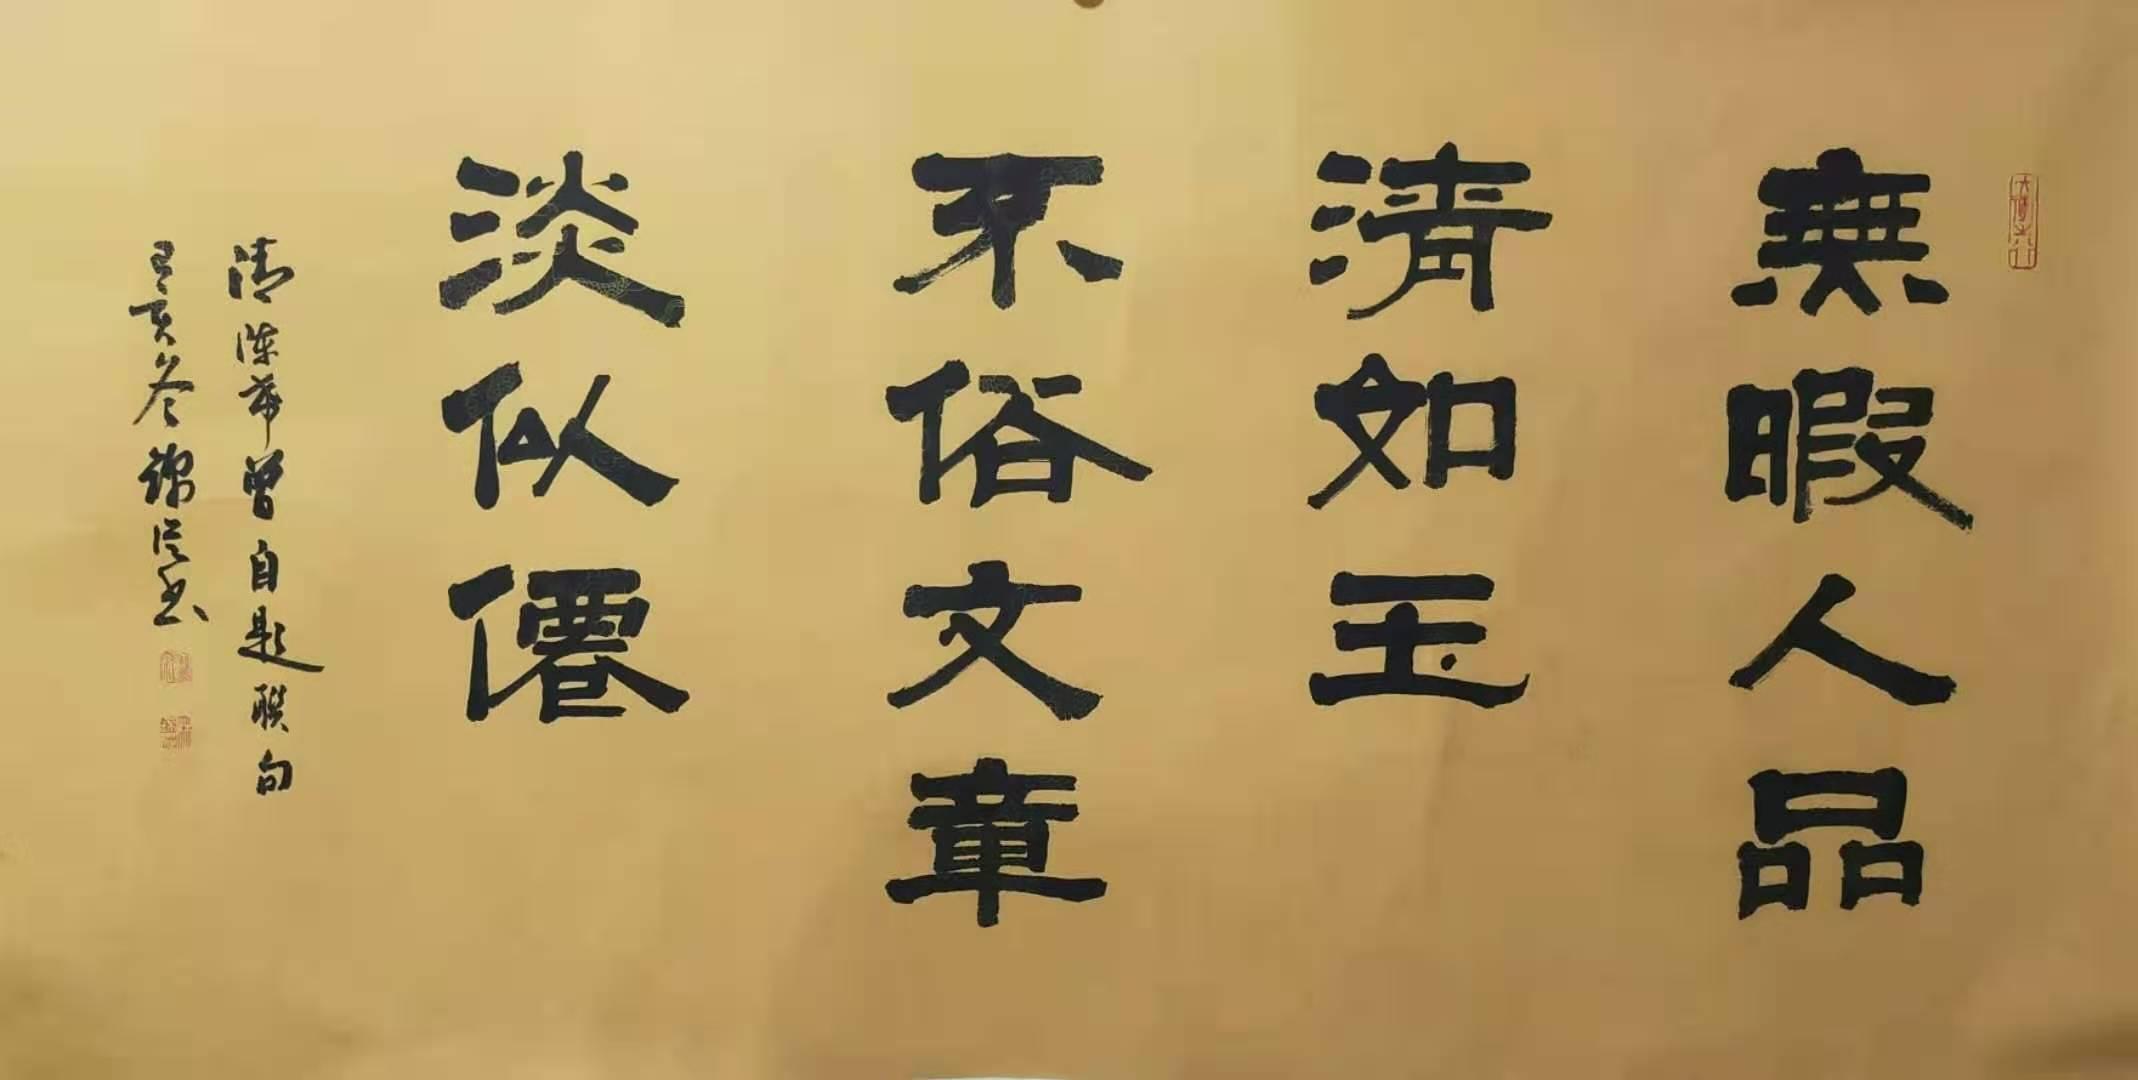 林锦从:书法艺术的坚守者